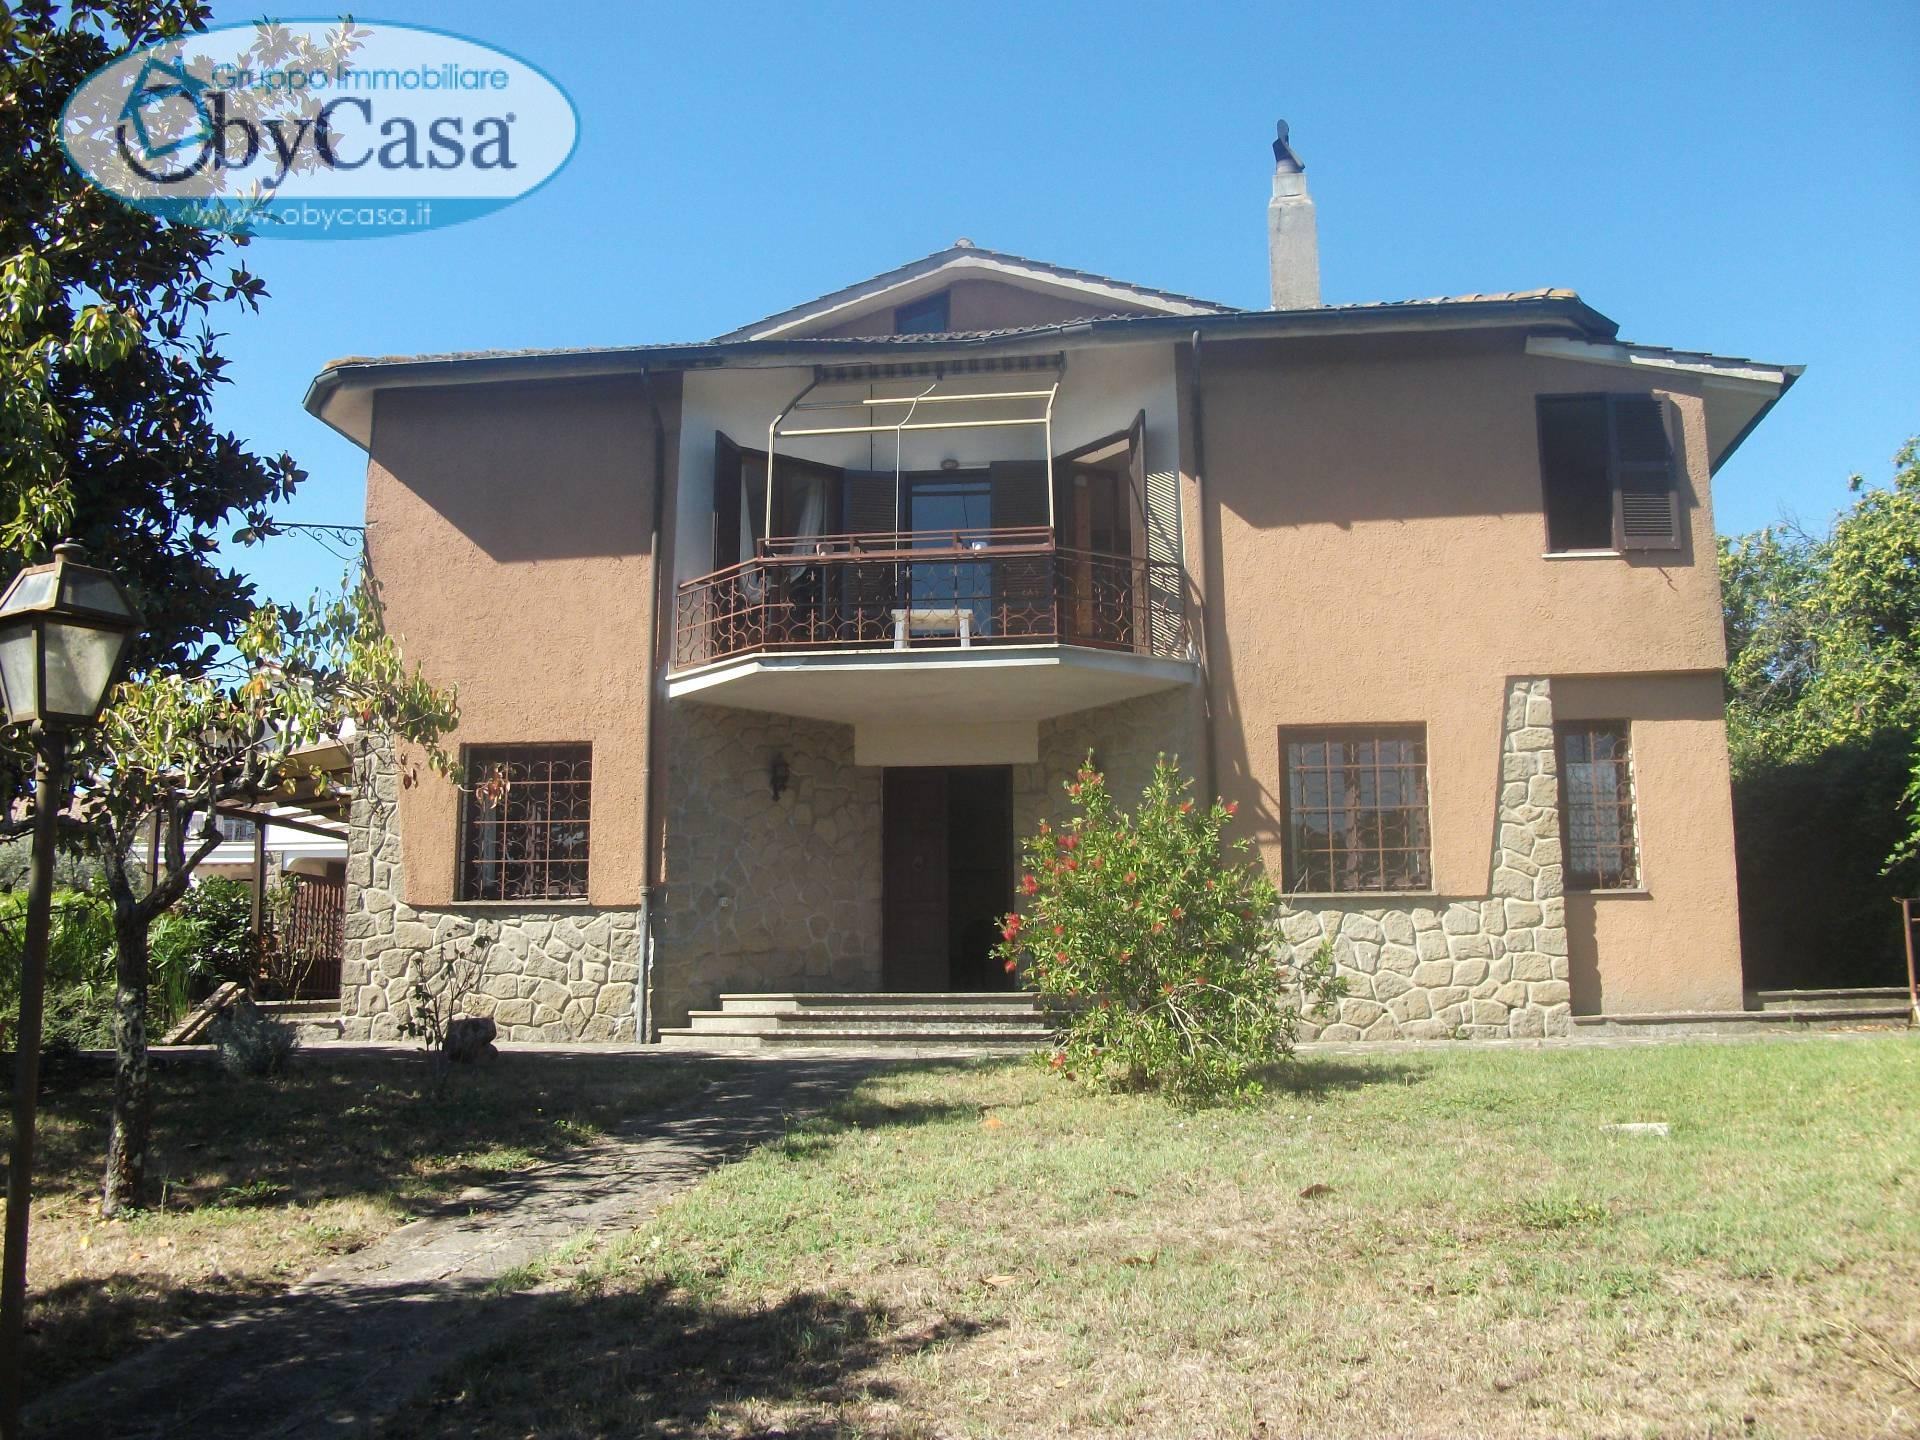 Villa in vendita a Oriolo Romano, 8 locali, zona Località: Terrafredda, prezzo € 280.000 | CambioCasa.it